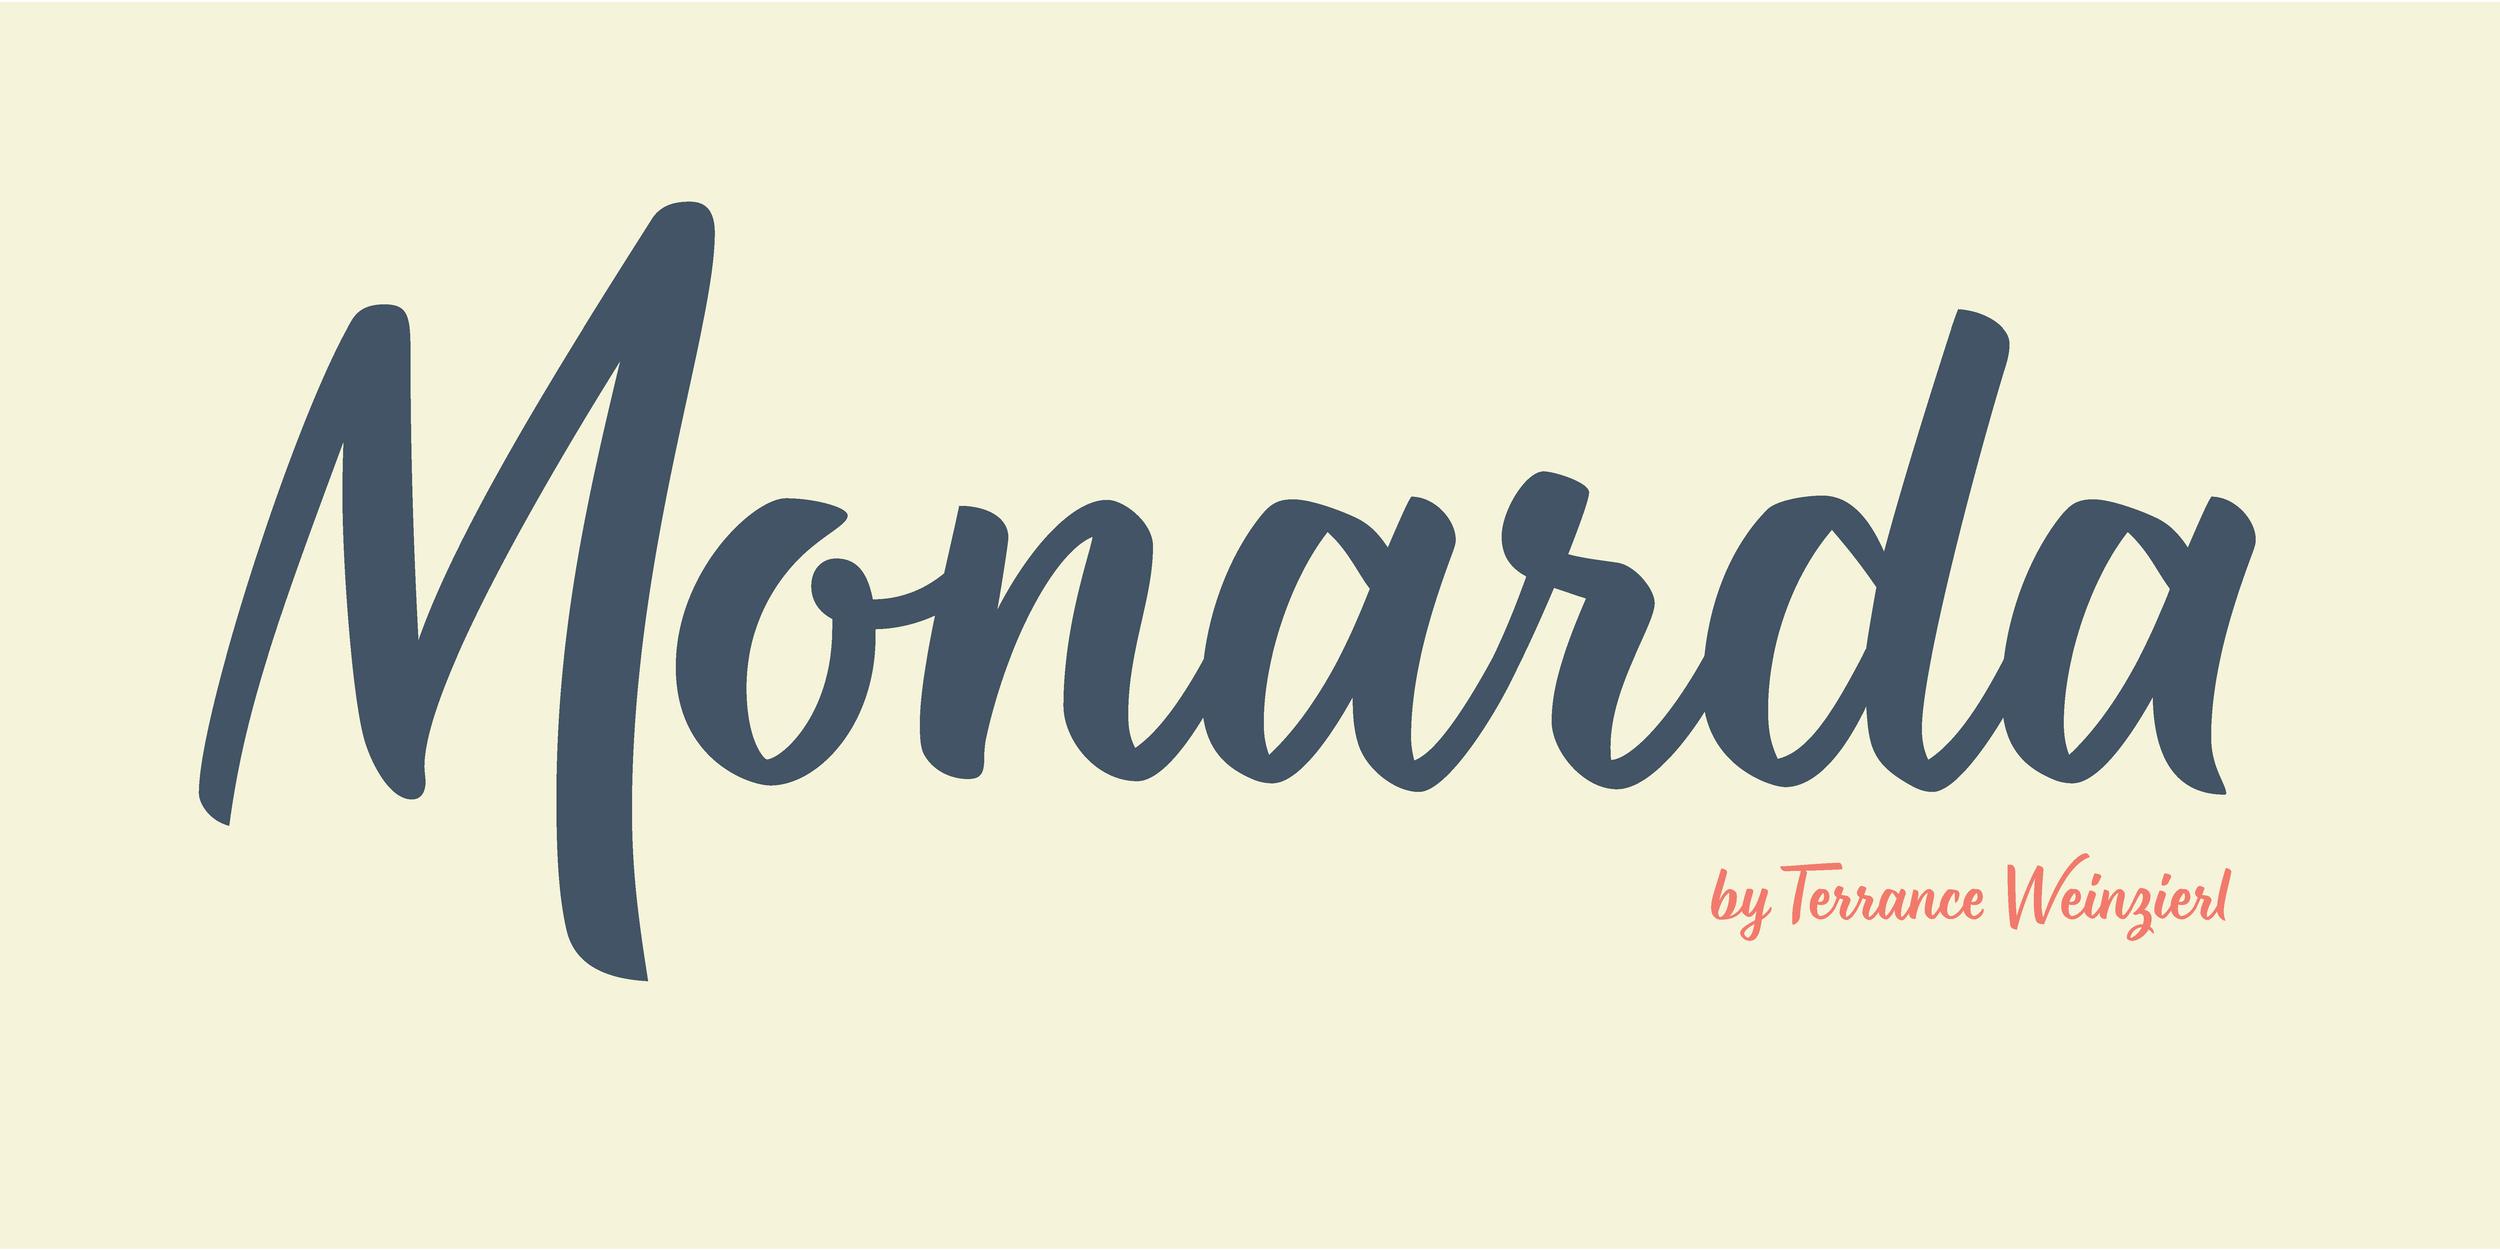 Monarda-Samples-06_final_Page_1.png